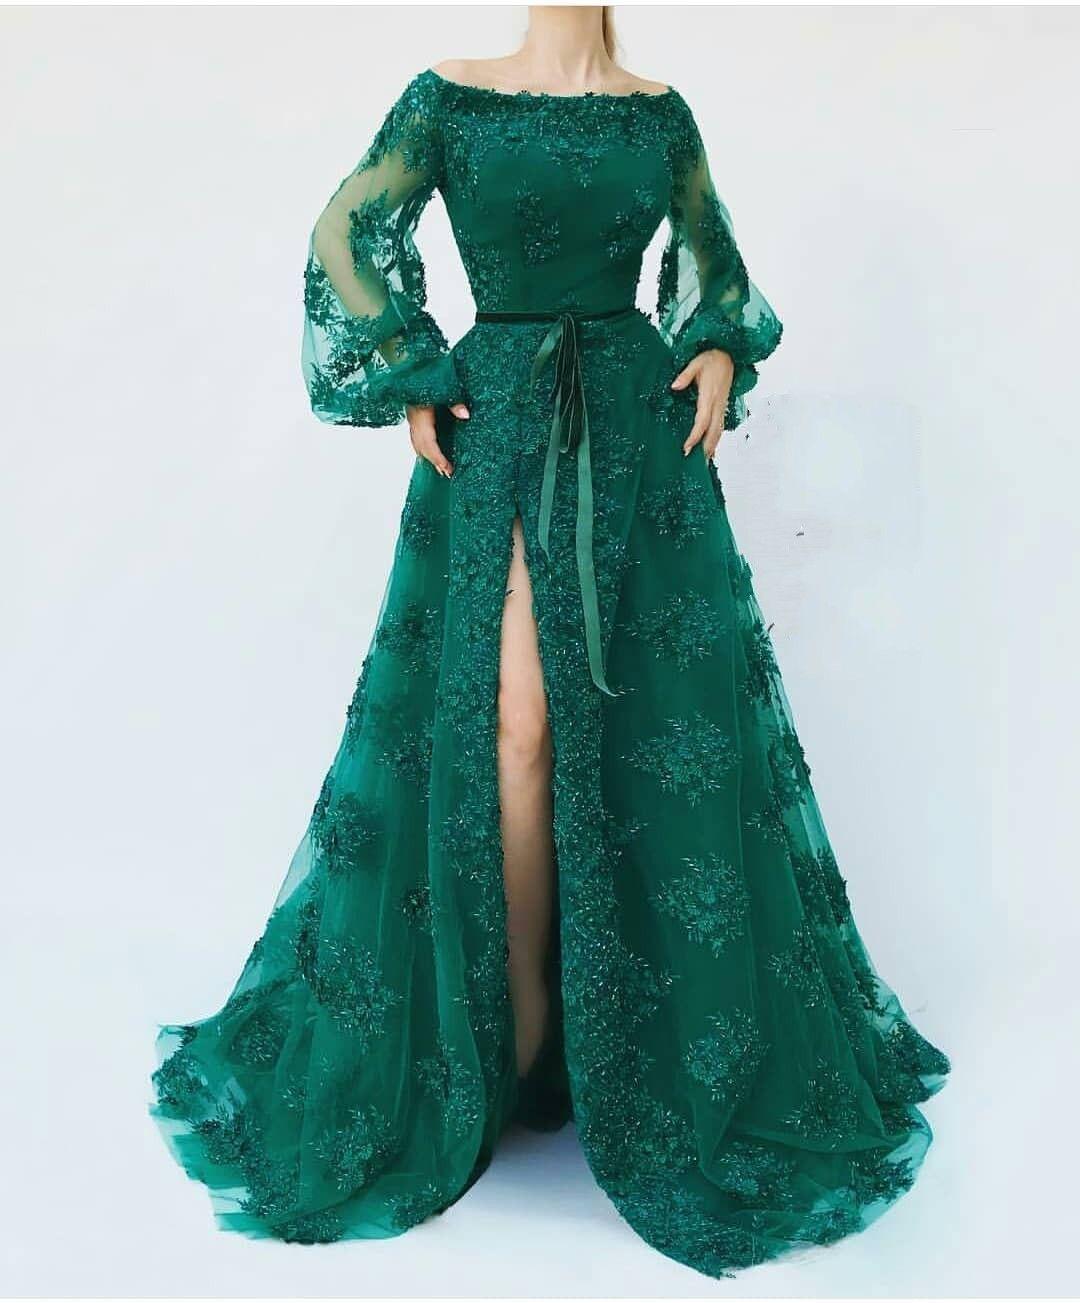 Günstige Abendkleider Lang Mit Ärmel  Abendkleid Grün in 10